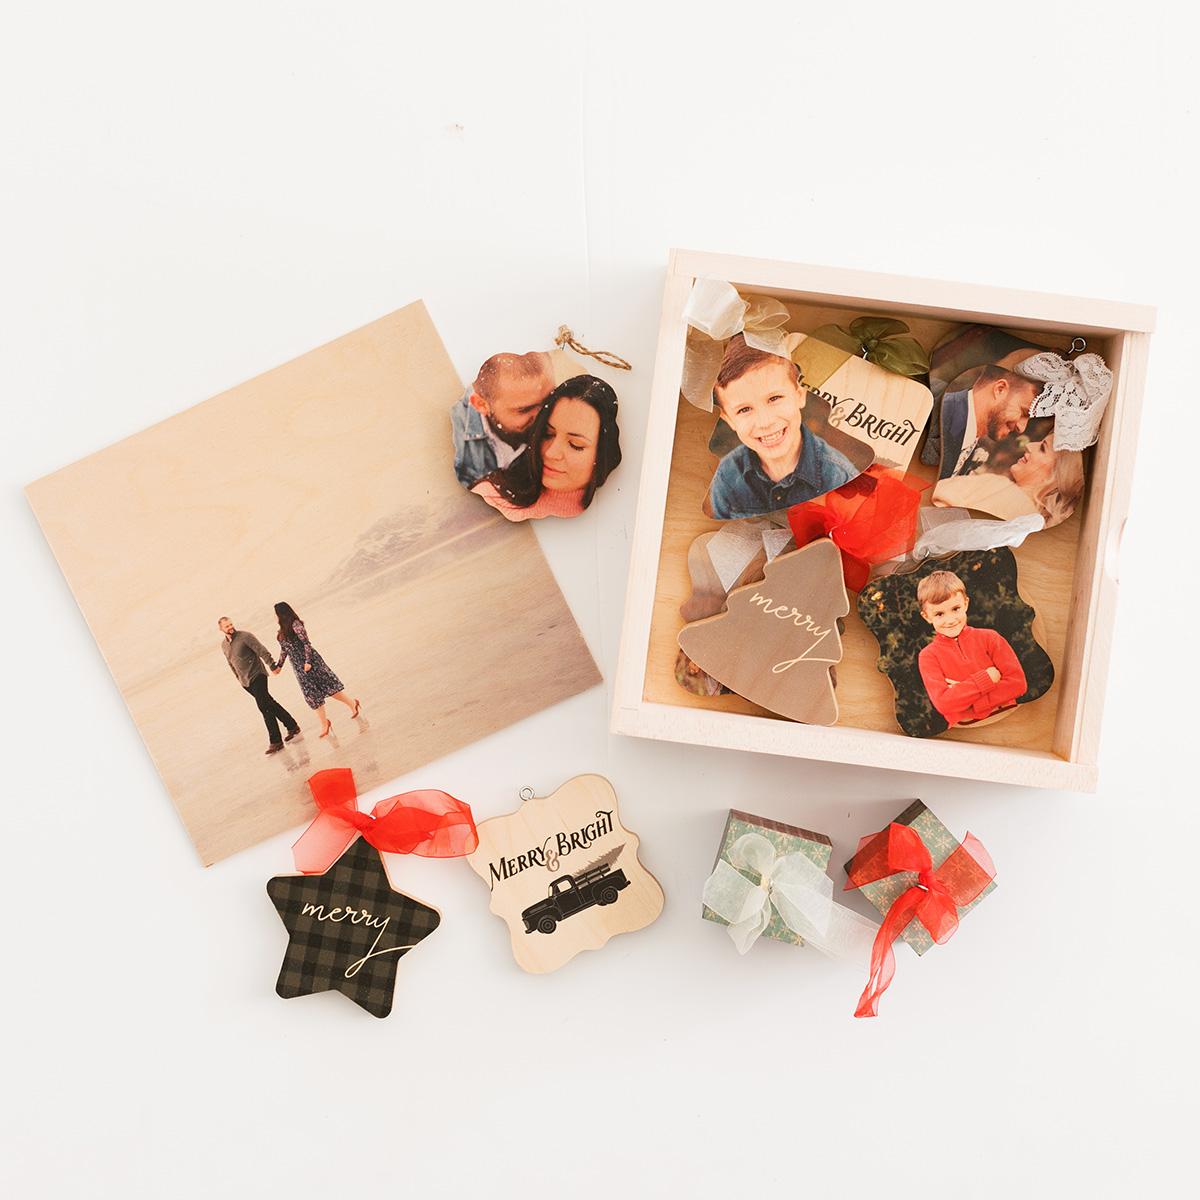 Wooden Ornaments & Ornament Box